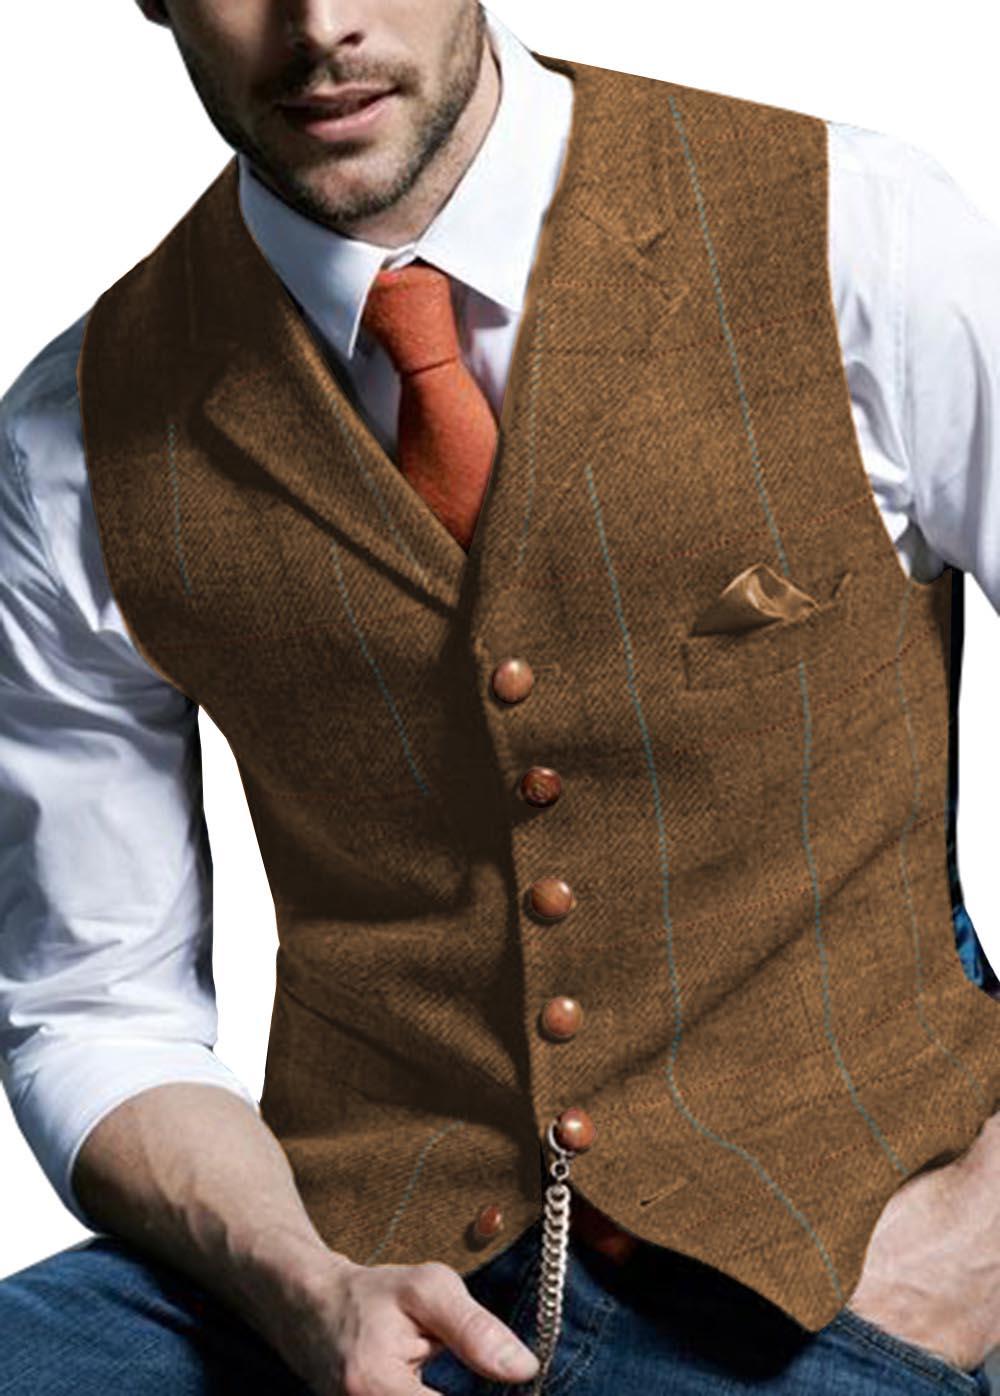 Mens-Suit-Vest-Notched-Plaid-Wool-Herringbone-Tweed-Waistcoat-Casual-Formal-Business-Groomman-For-Wedding-Green (3)